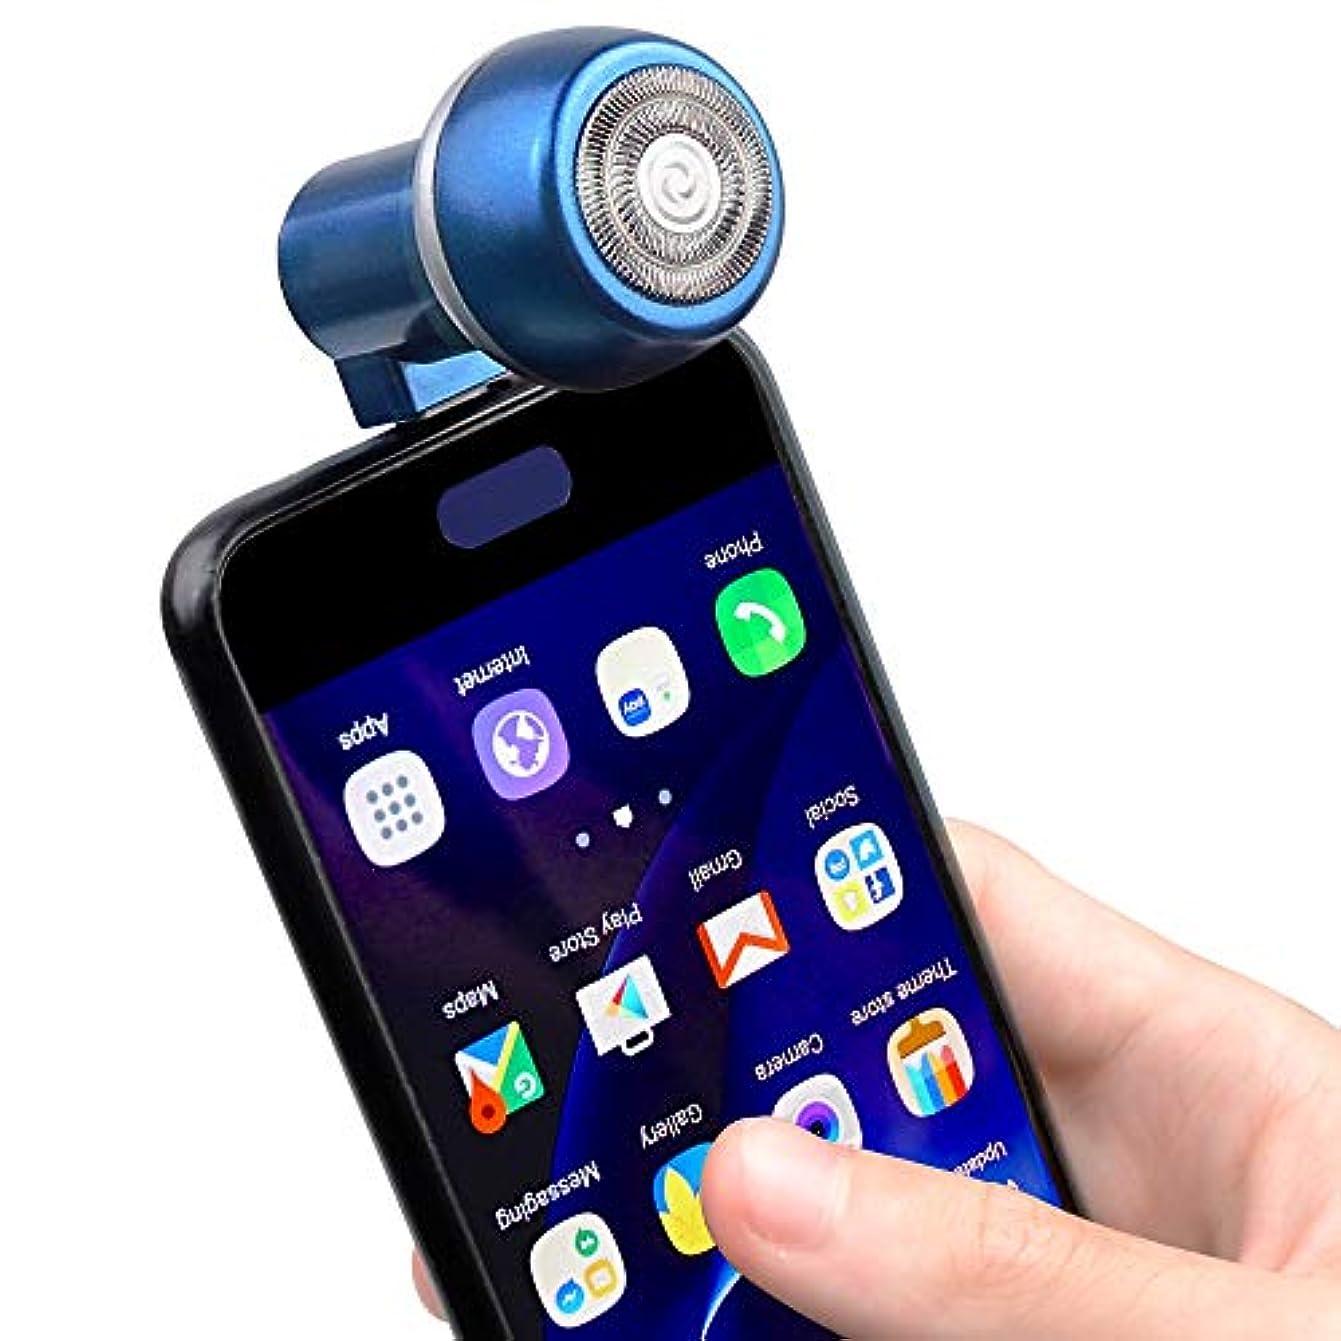 アミューズメント敬意を表するスピリチュアルHINZER メンズシェーバー 髭剃り 電気シェーバー 回転式 ミニ 電動ひげそり 携帯電話/USB充電式 持ち運び便利 ビジネス 通勤用 海外対応 type-cポートブルー